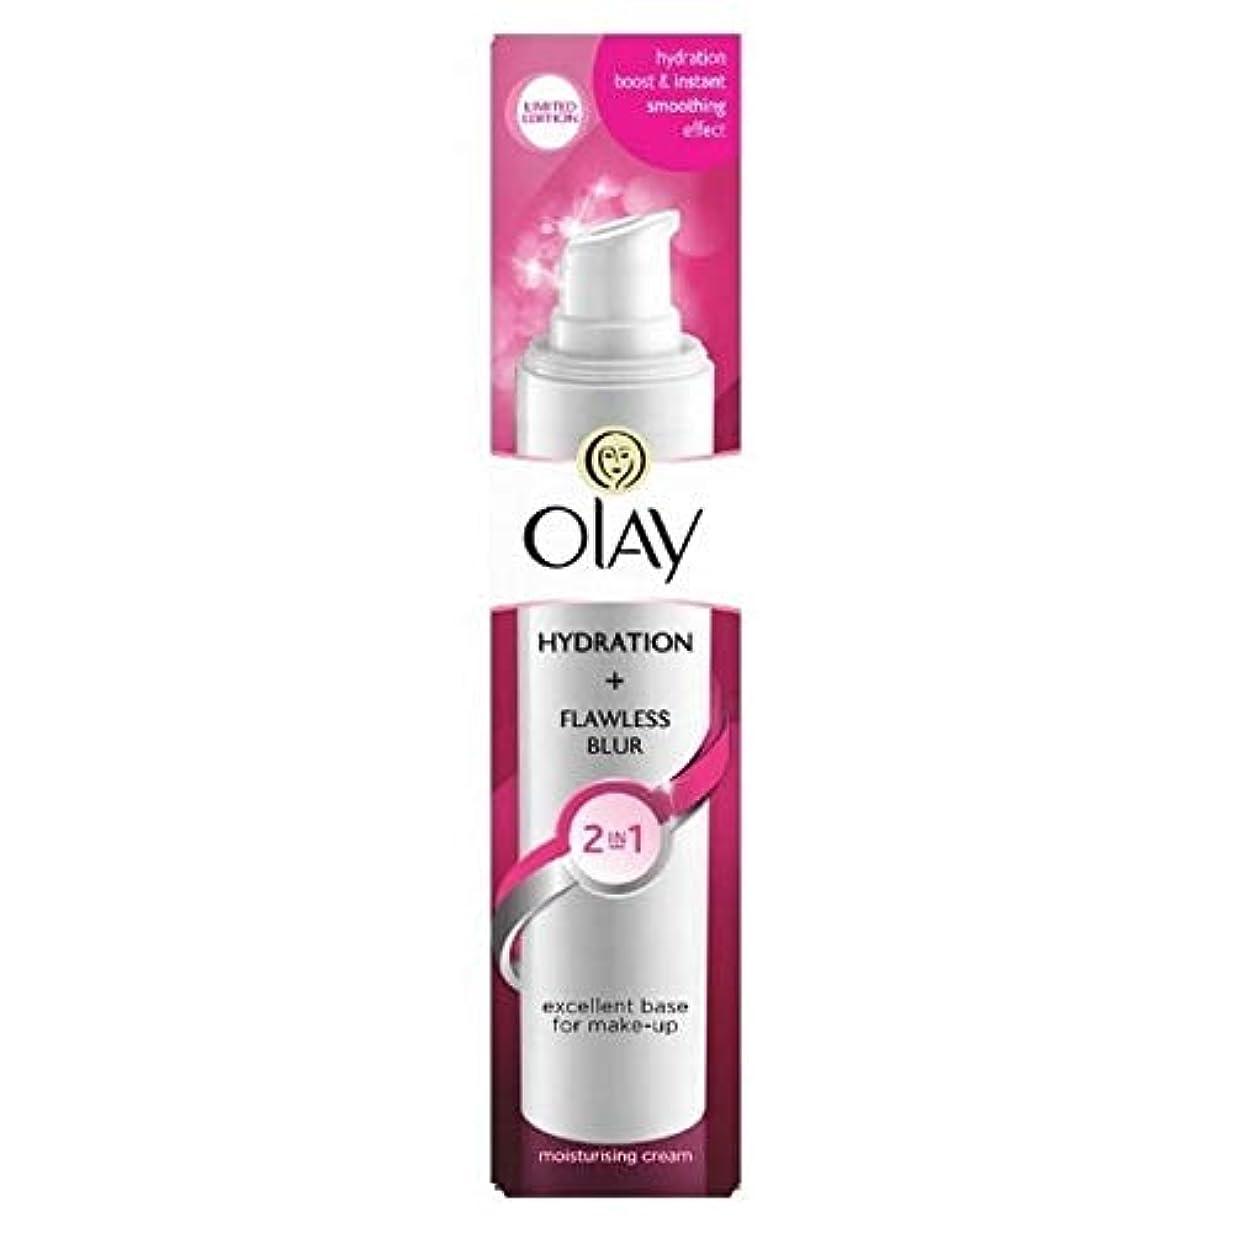 適応二層楽しむ[Olay ] オーレイの2In1水和+完璧なぼかし保湿クリーム50ミリリットル - Olay 2in1 Hydration + Flawless Blur Moisturiser Cream 50ml [並行輸入品]